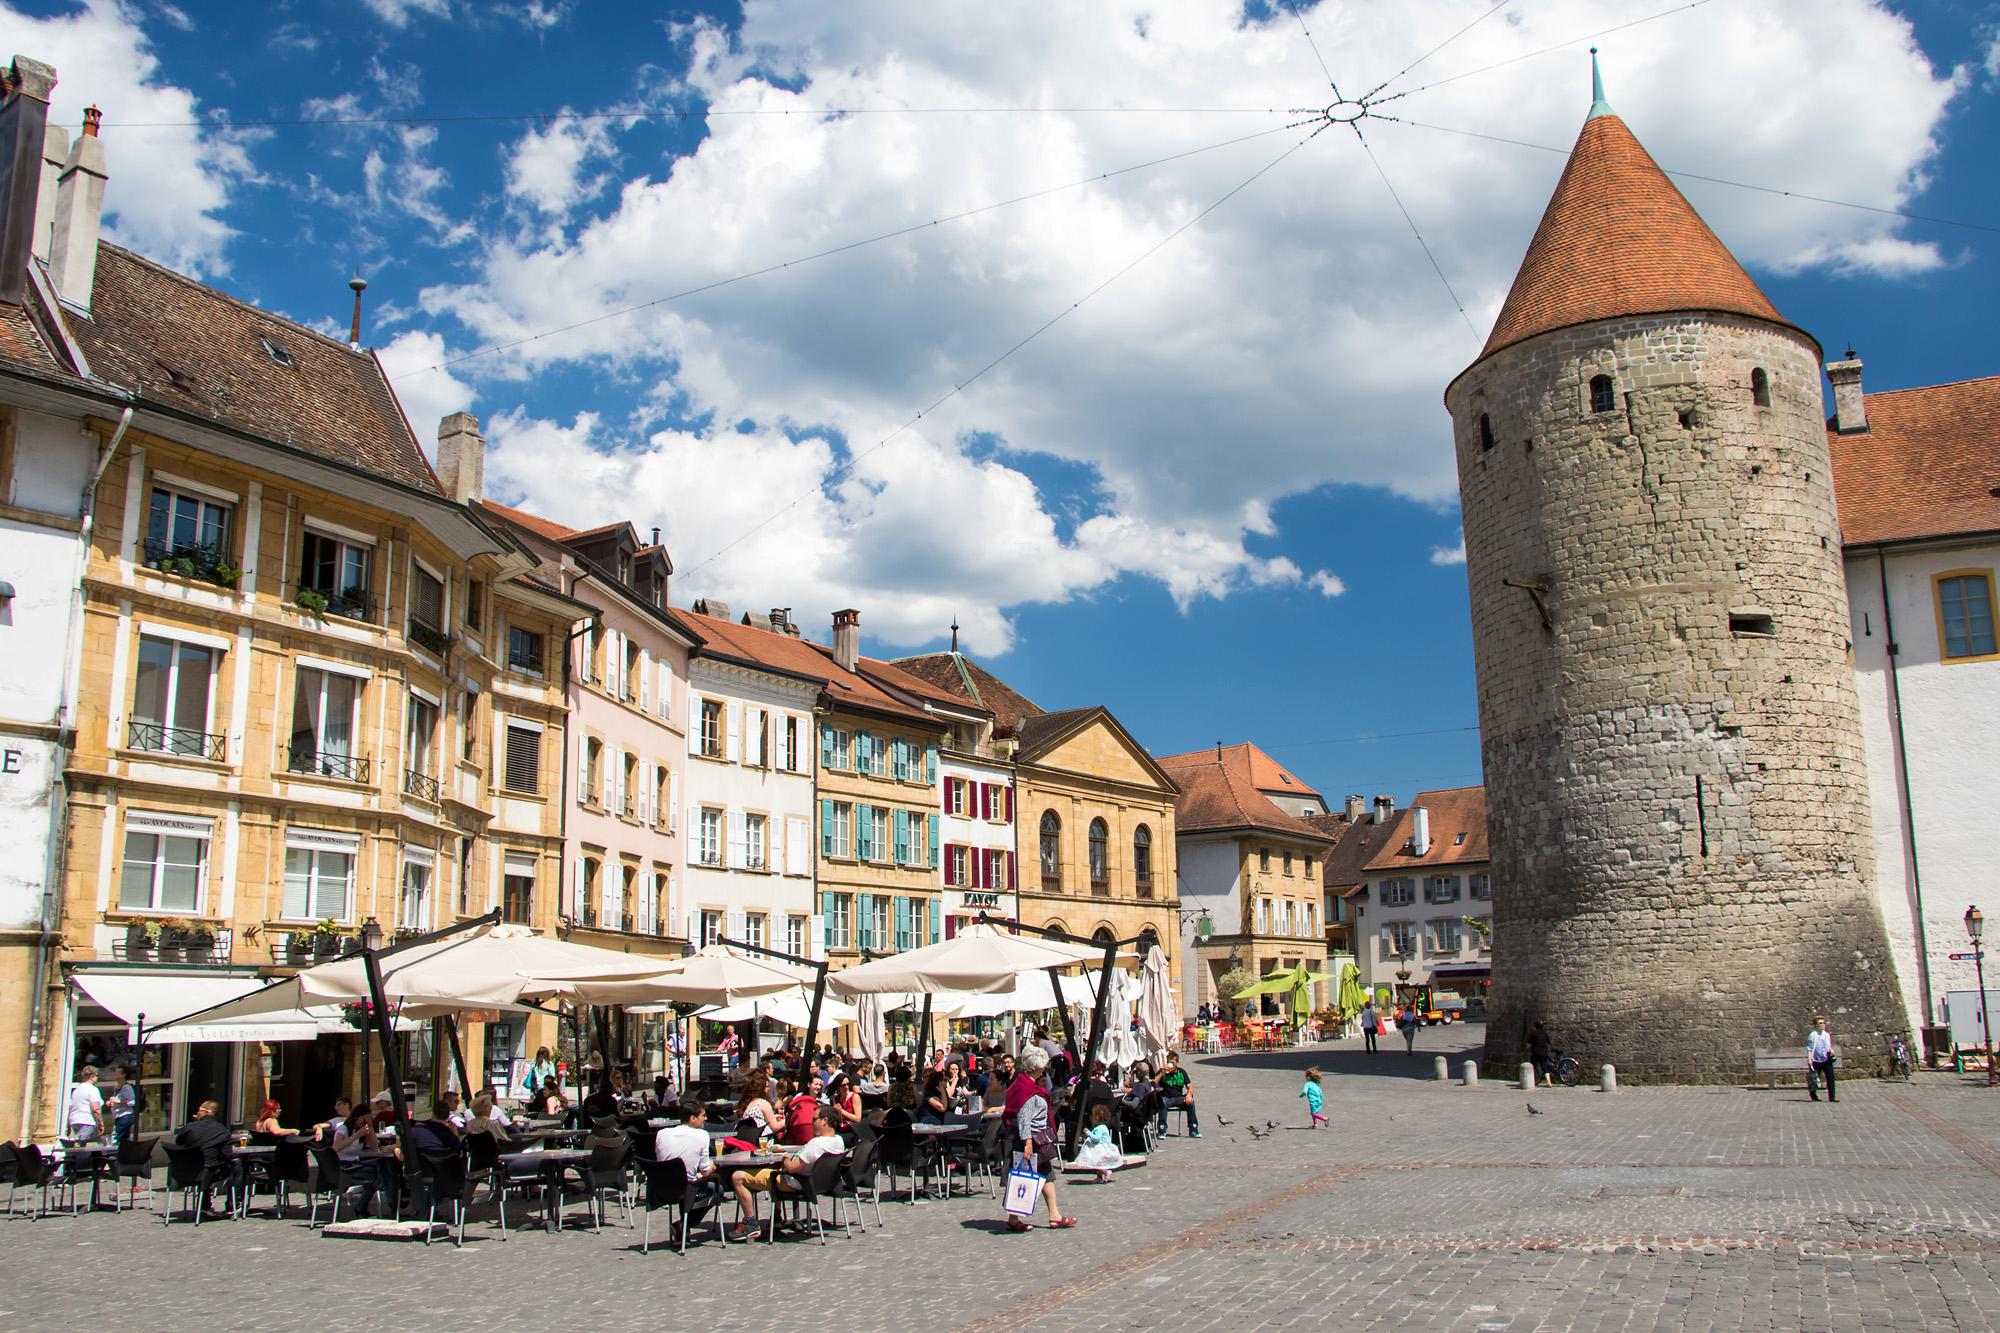 Der Pestalozzi-Platz im Schatten der Türme von Schloss Yverdon, VD